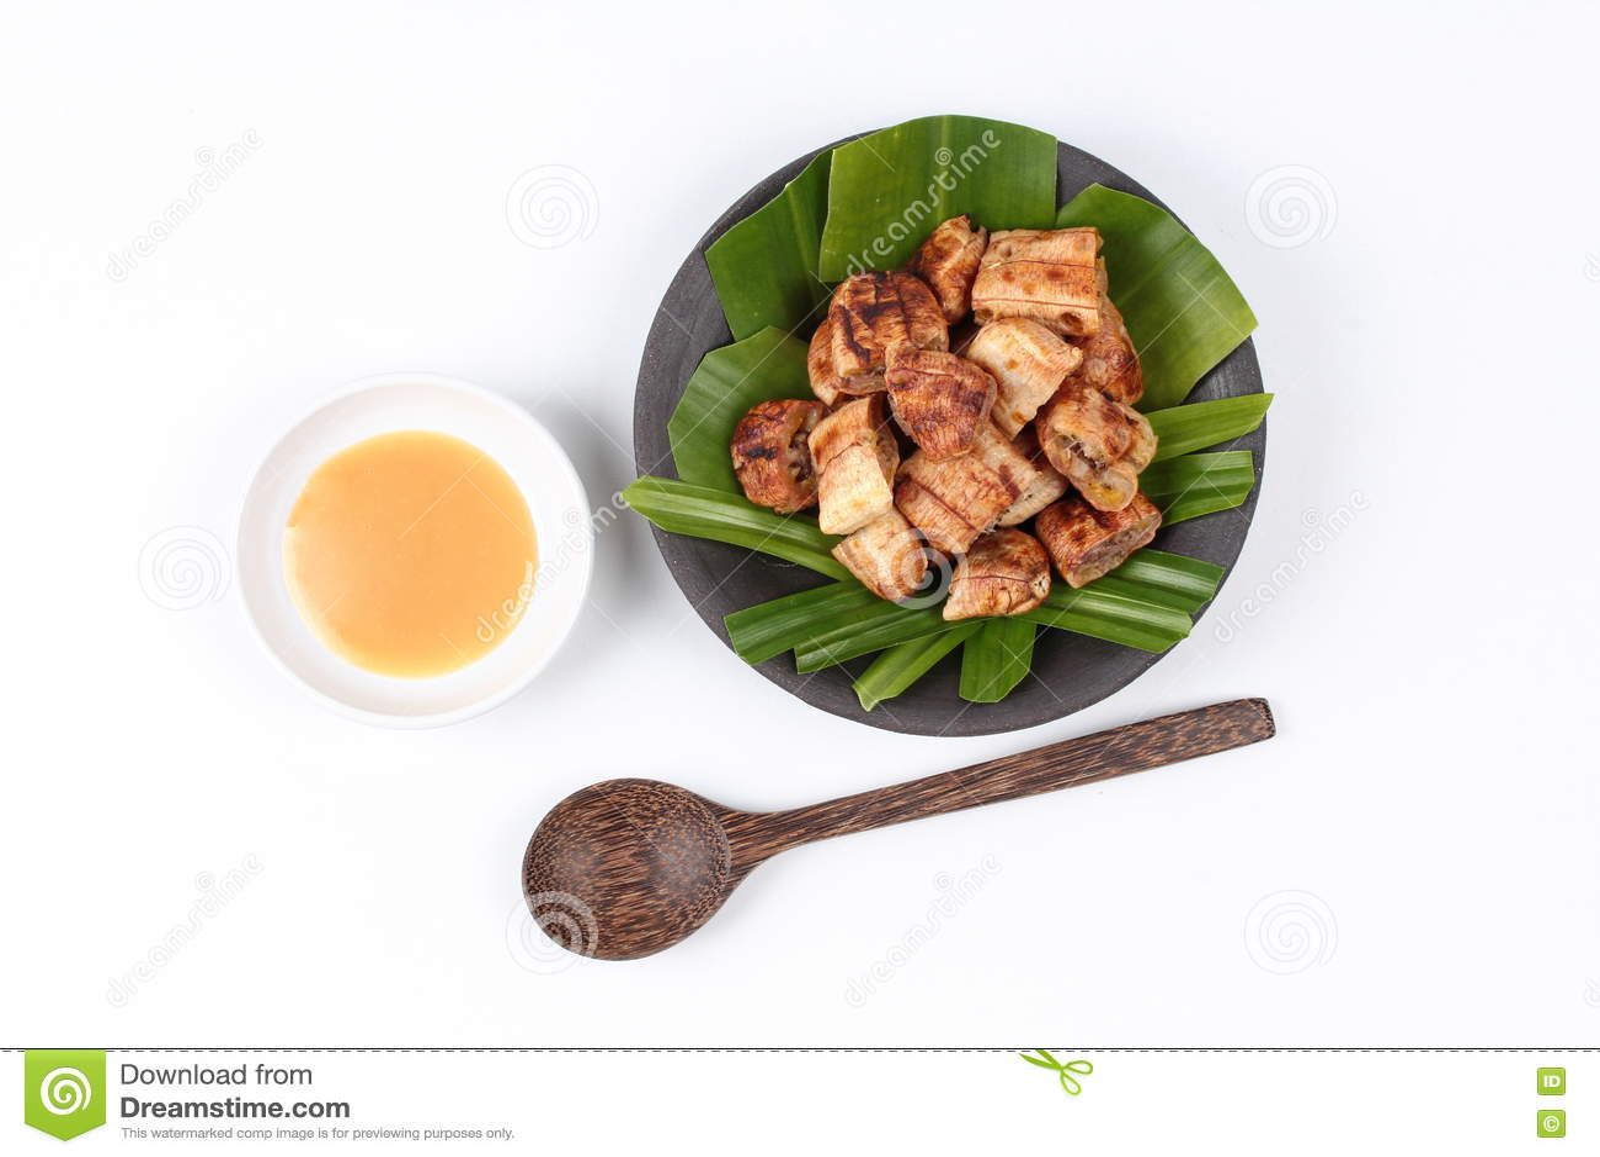 Тайский зажаренный в духовке банан с сладостным соусом